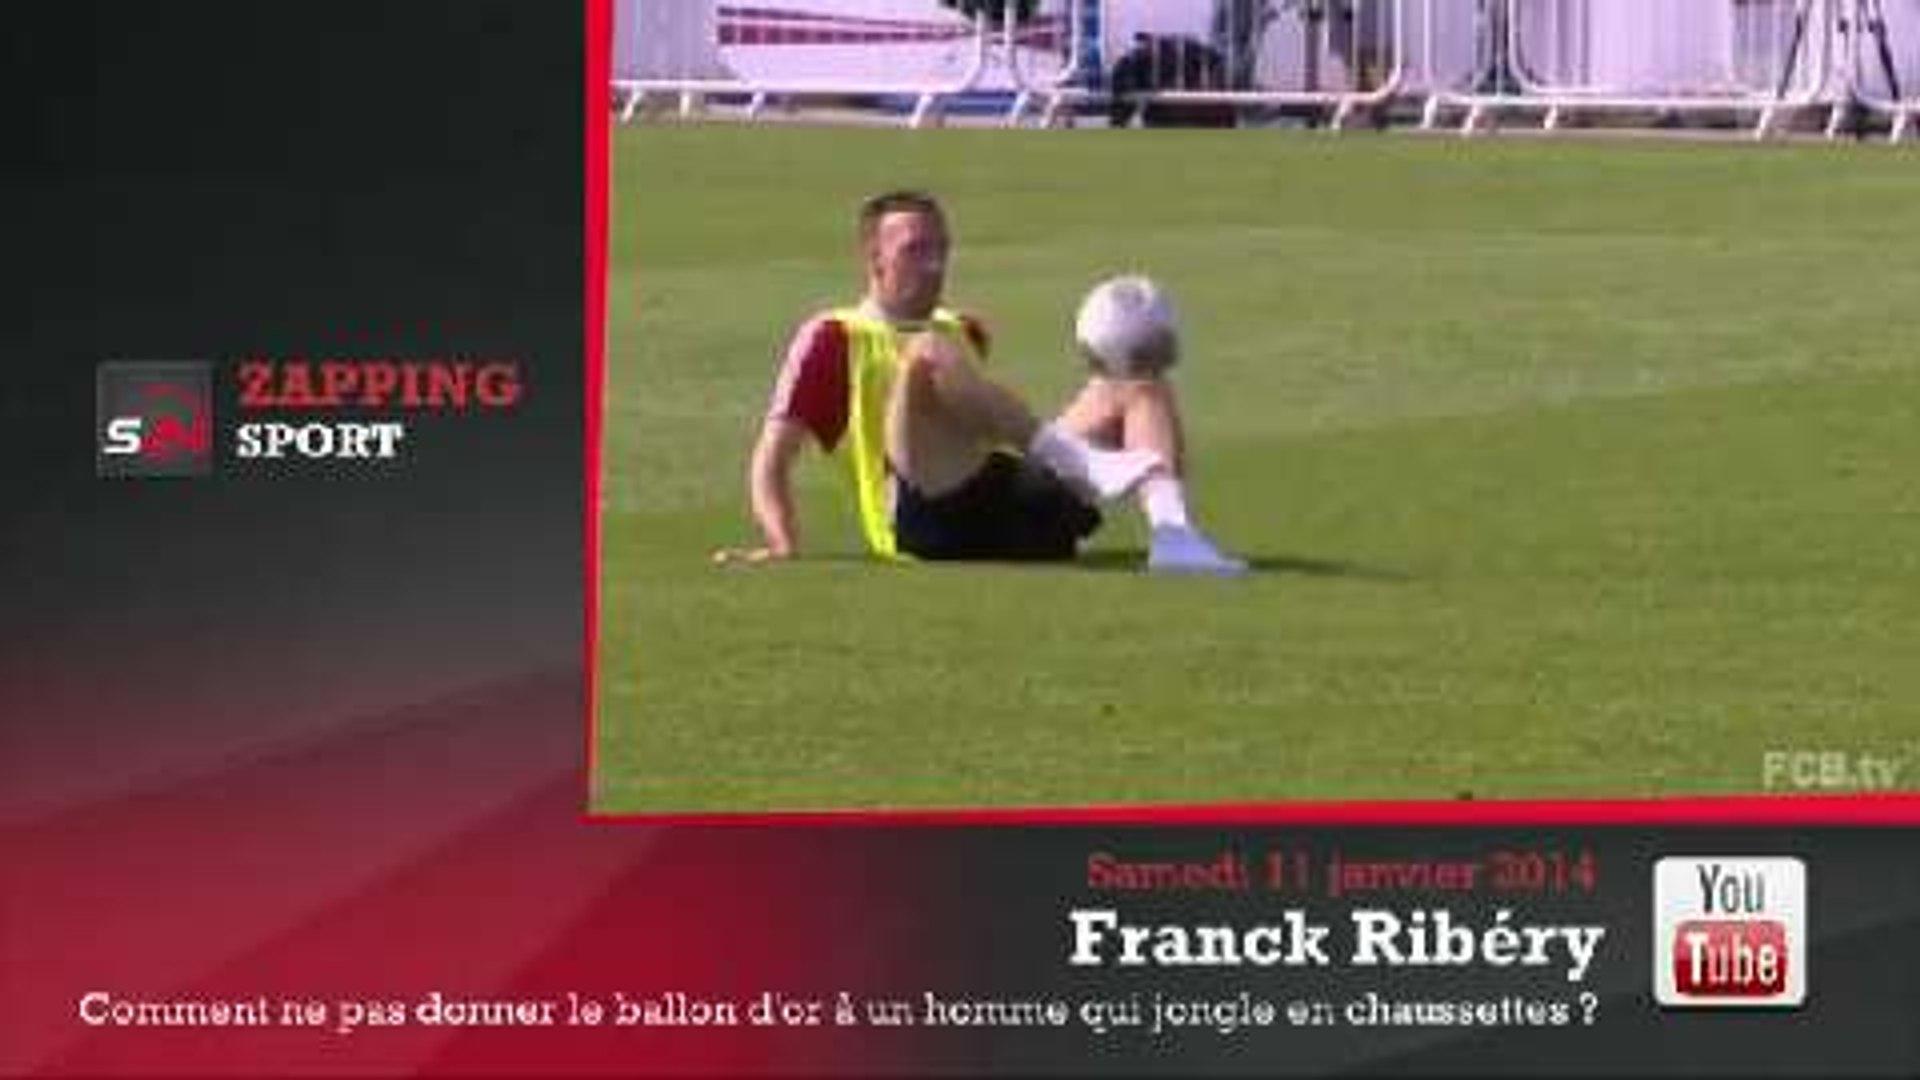 Zap' Sport : Religion dans le foot, Ribéry et Boudjellal